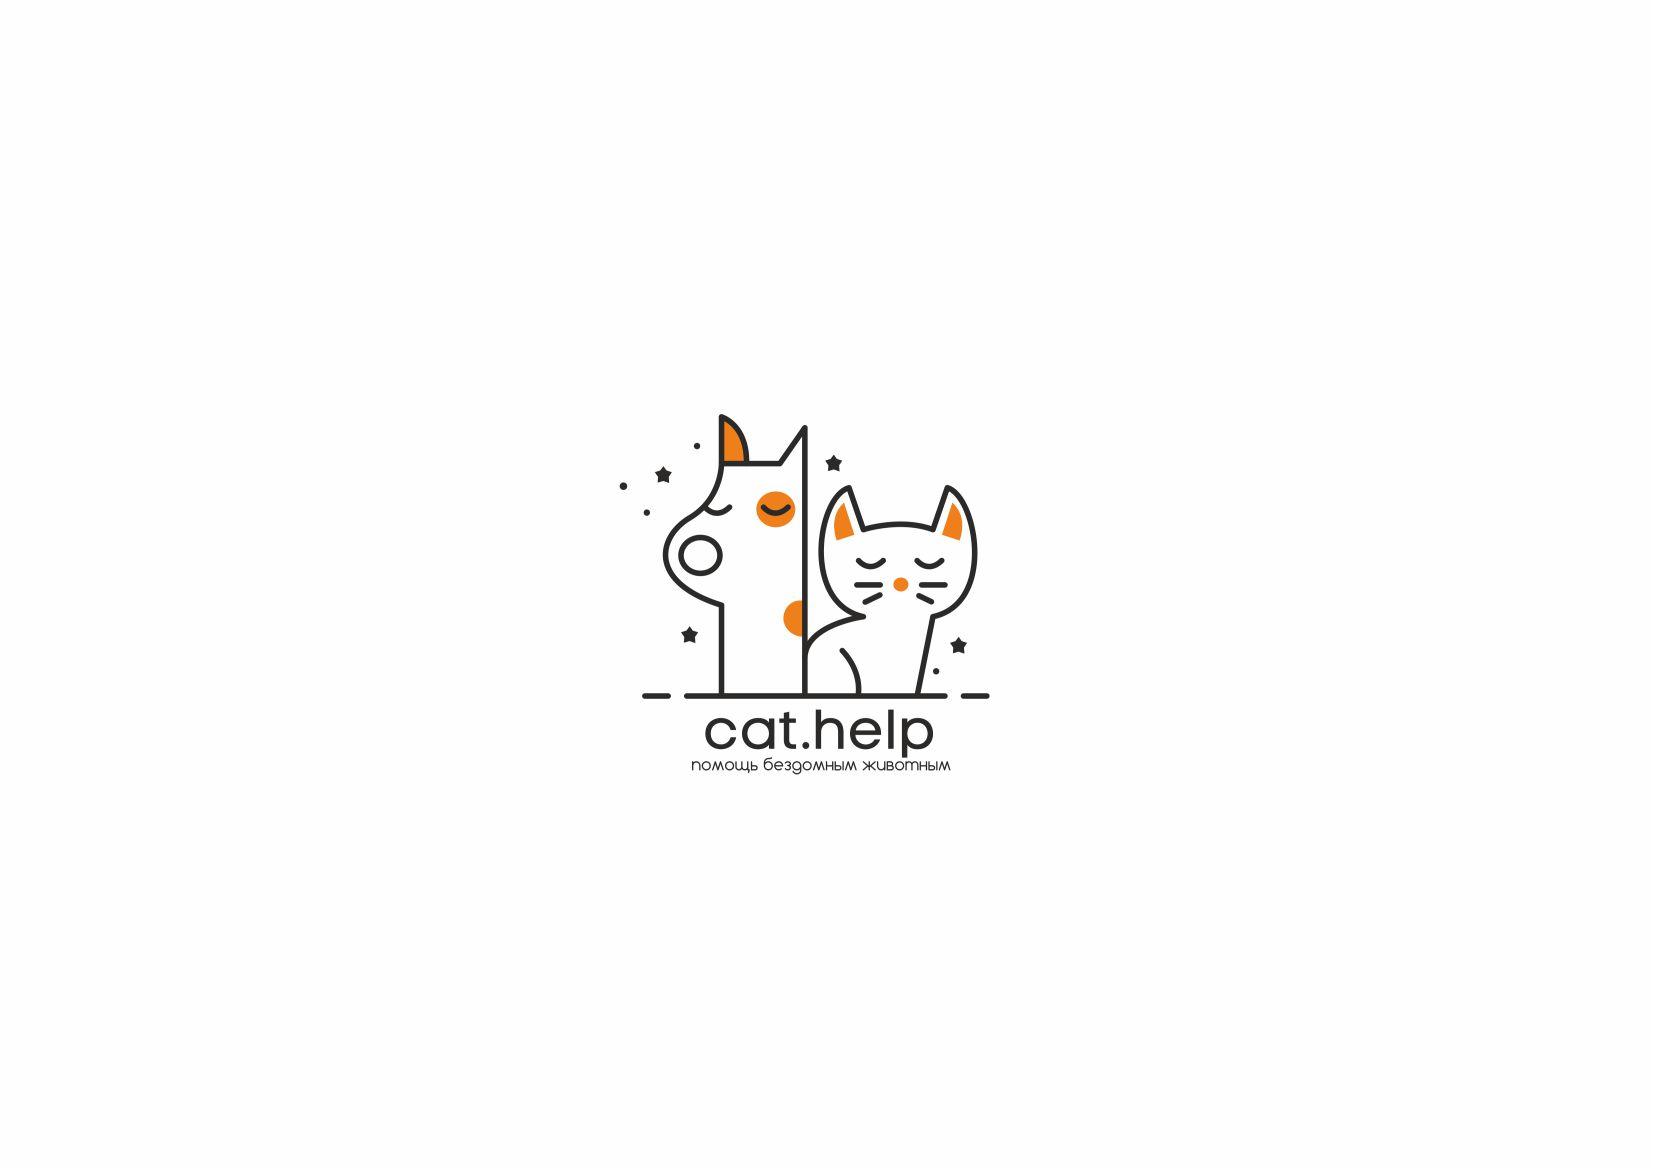 логотип для сайта и группы вк - cat.help фото f_64859e2ba4c8ed21.jpg